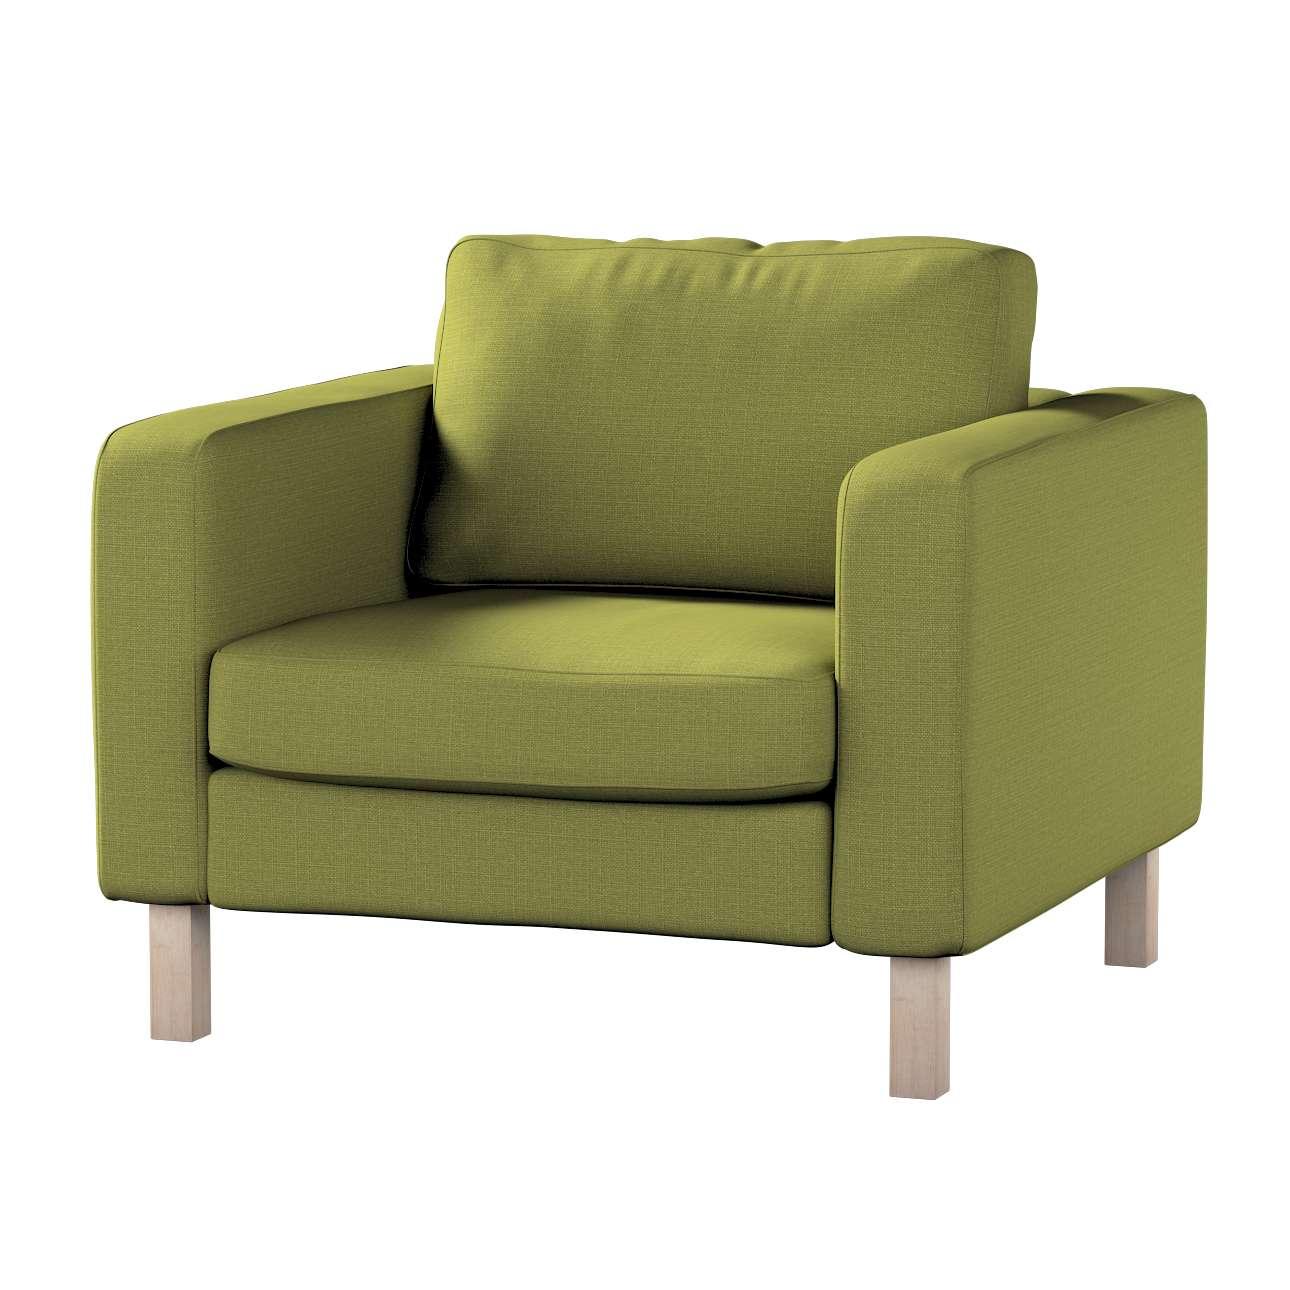 Pokrowiec na fotel Karlstad, krótki w kolekcji Living, tkanina: 161-13